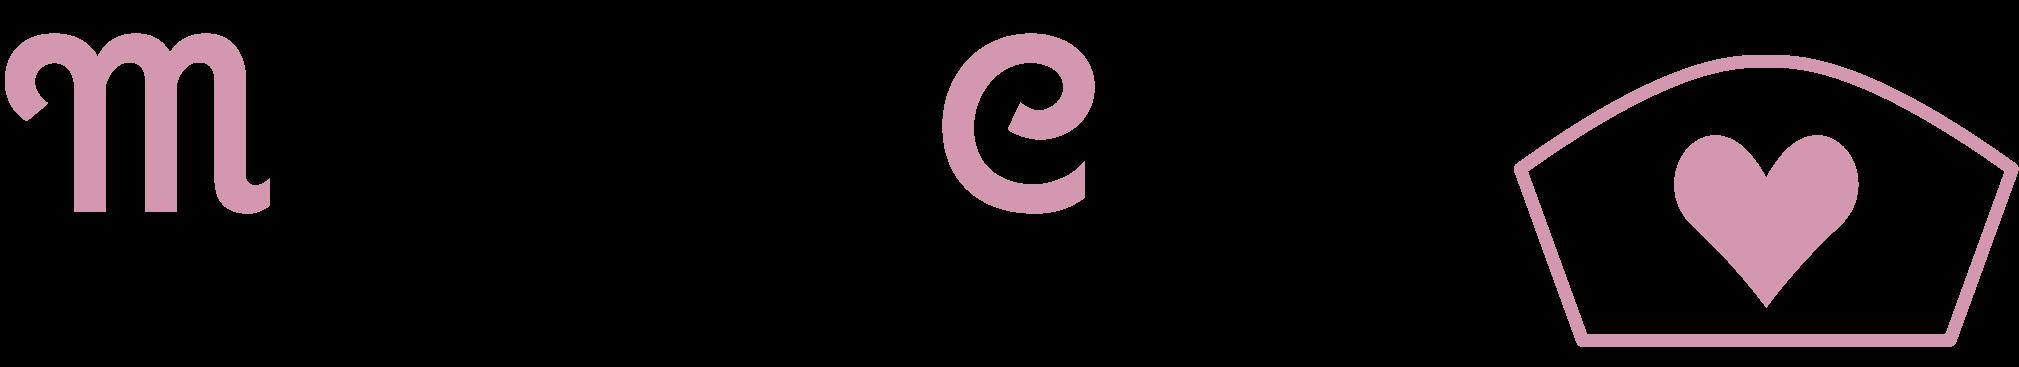 メディカルケアロゴ